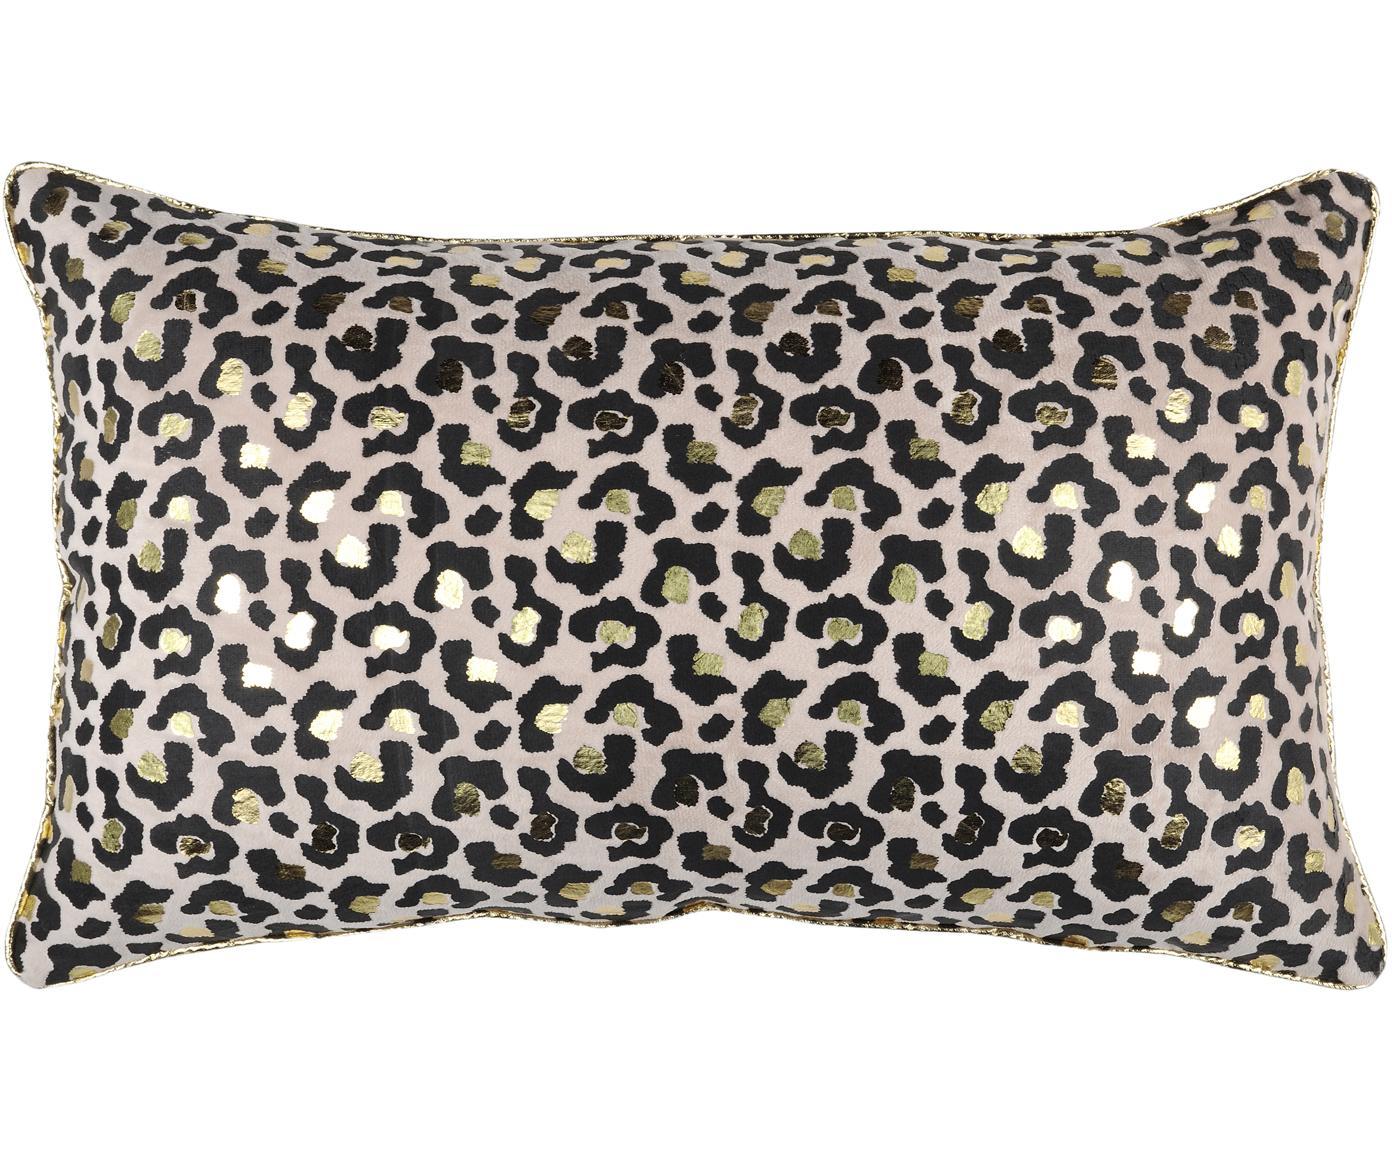 Kissen Jangal mit Leopardenmuster und goldenen Details, mit Inlett, 100% Polyester, Schwarz, Beige, Goldfarben, 30 x 50 cm